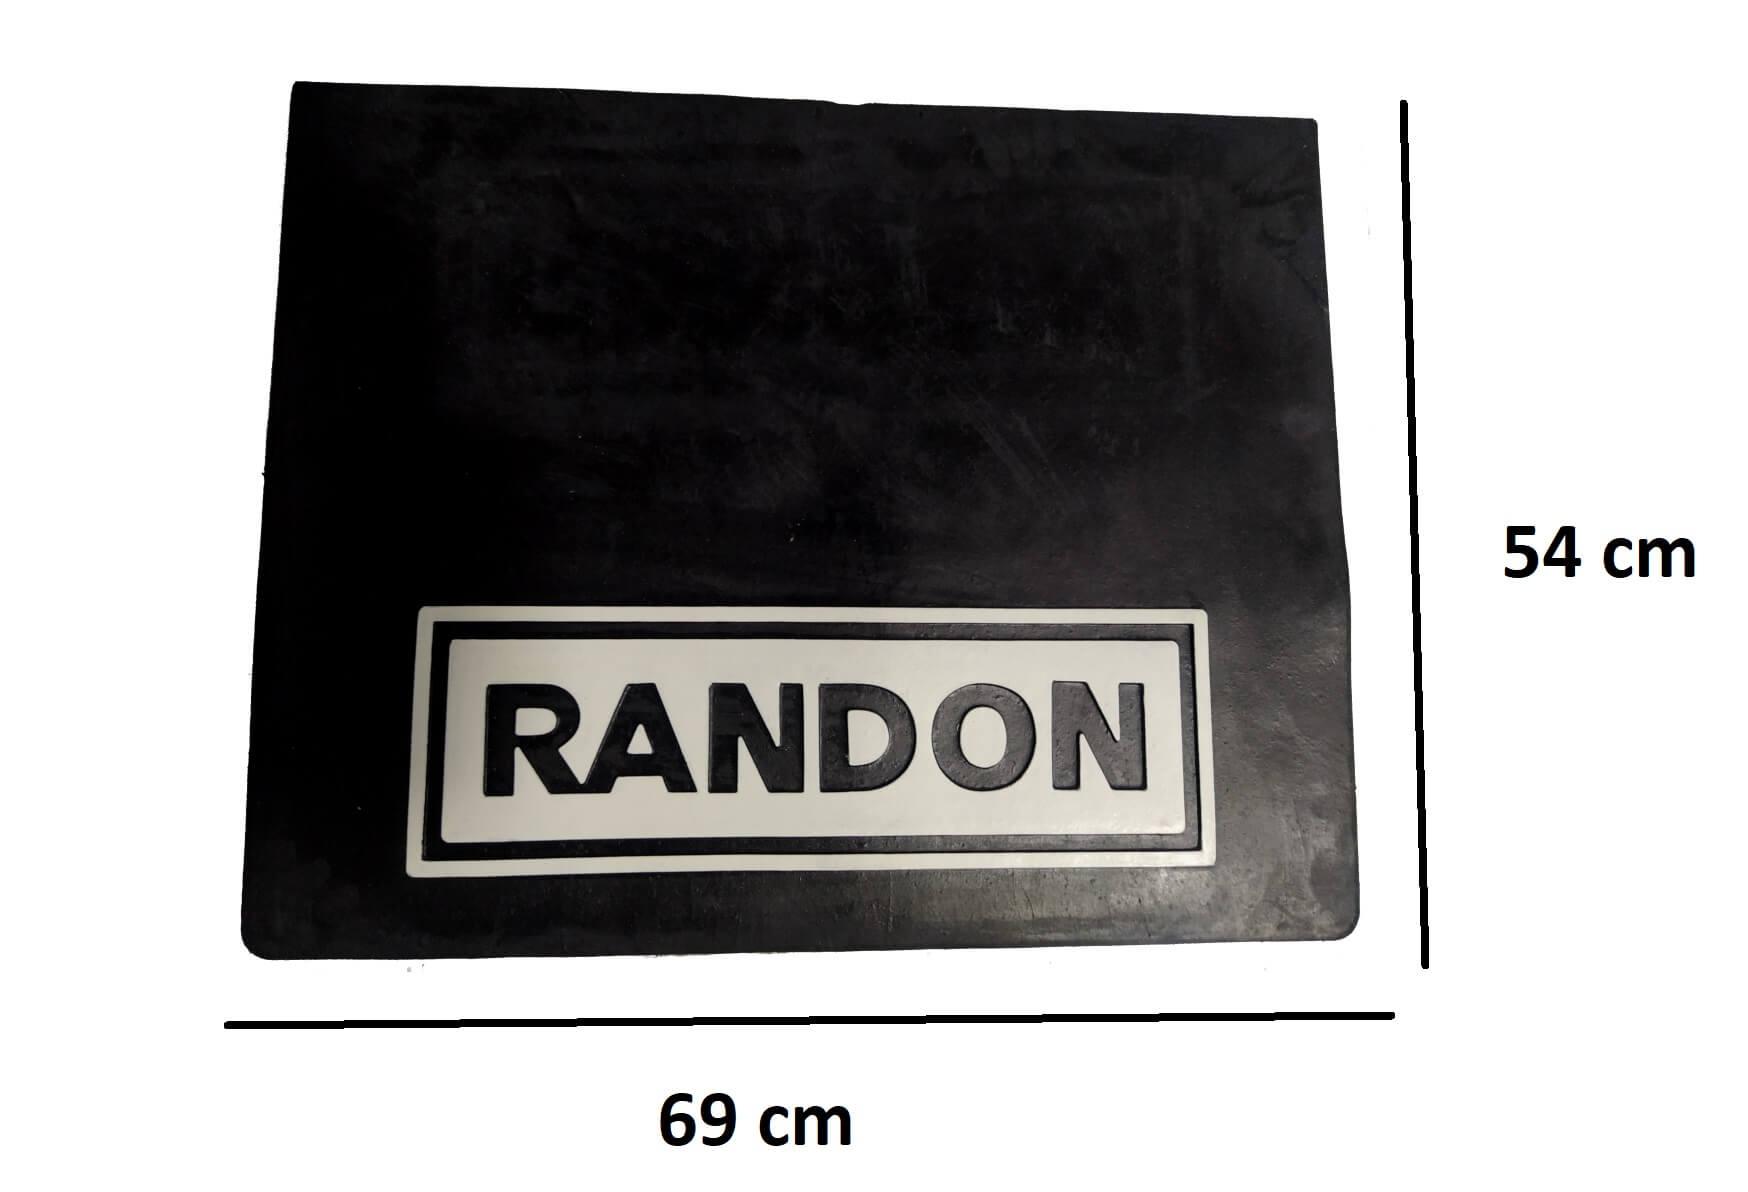 2 Parabarro Borracha Carreta Randon 69 X 54 Cm Lameiro